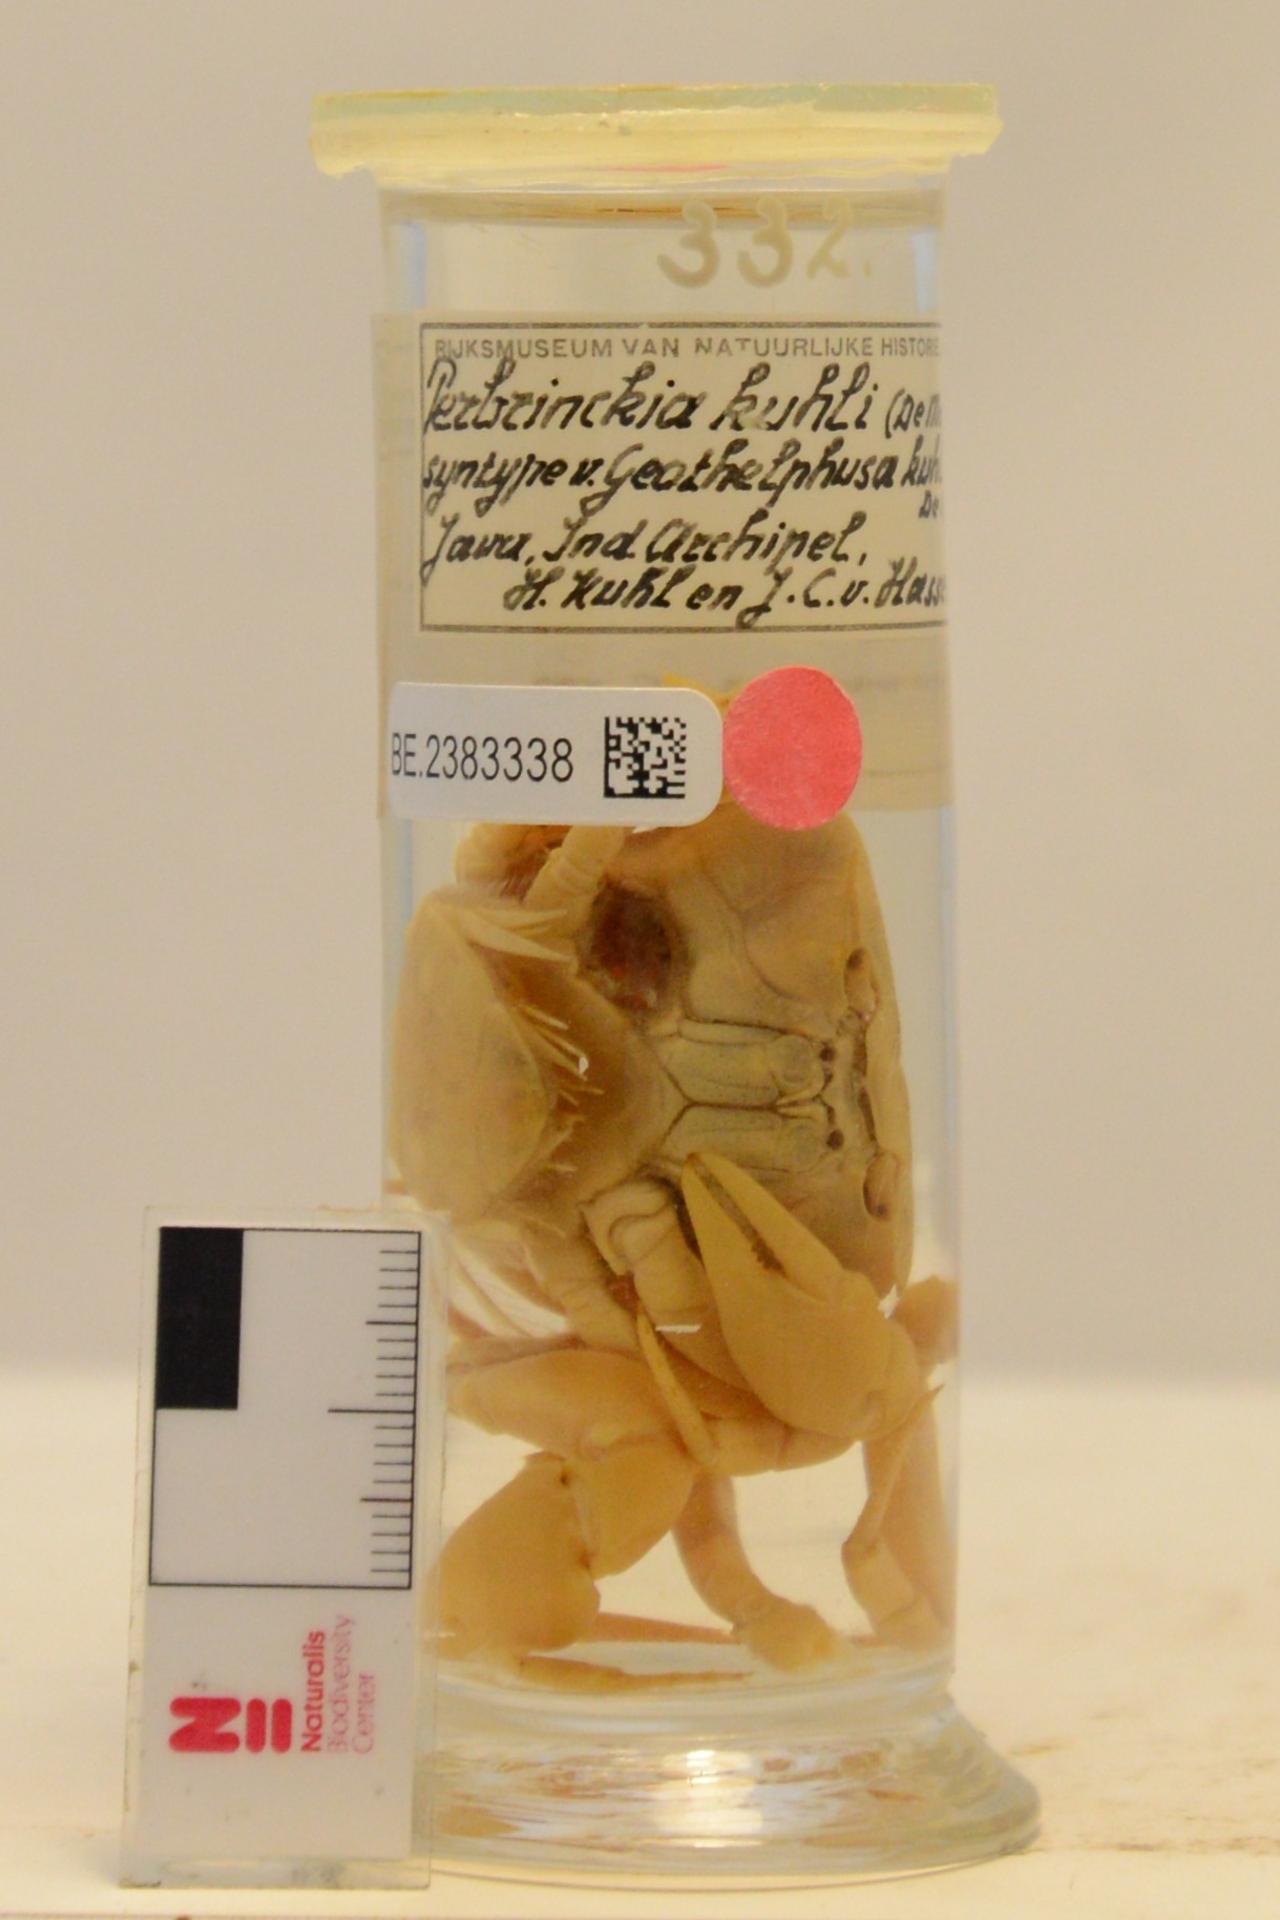 RMNH.CRUS.D.332 | Perbrinckia kuhli (De Man, 1883)